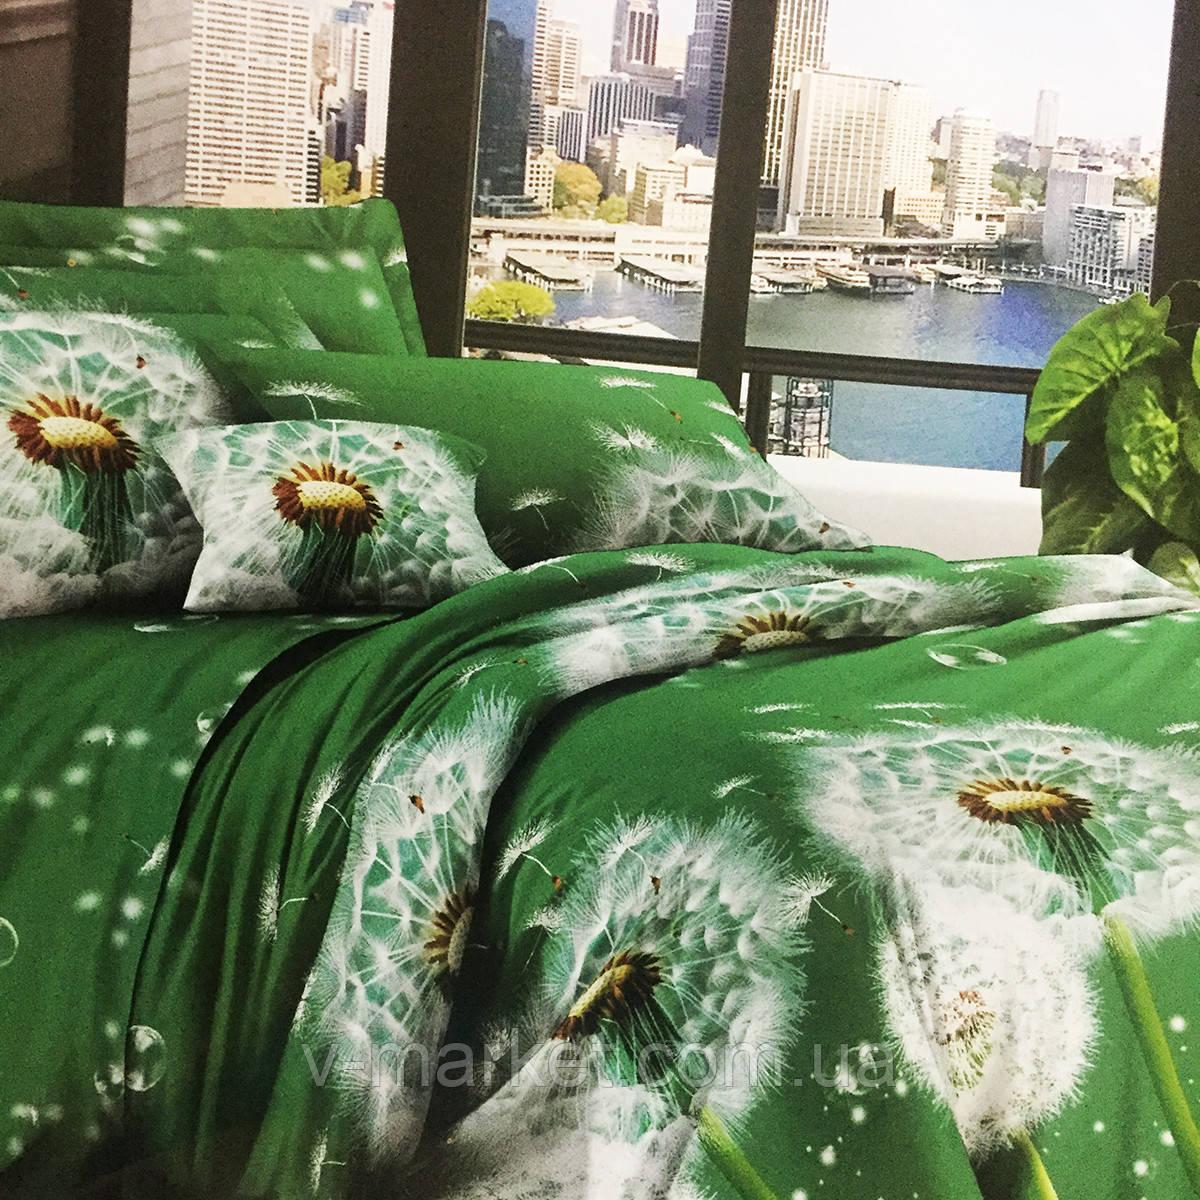 """Постельное белье зеленое """"Одуванчик"""" бязевое евро размер 190/210, нав-ки 70/70, ткань бязь"""